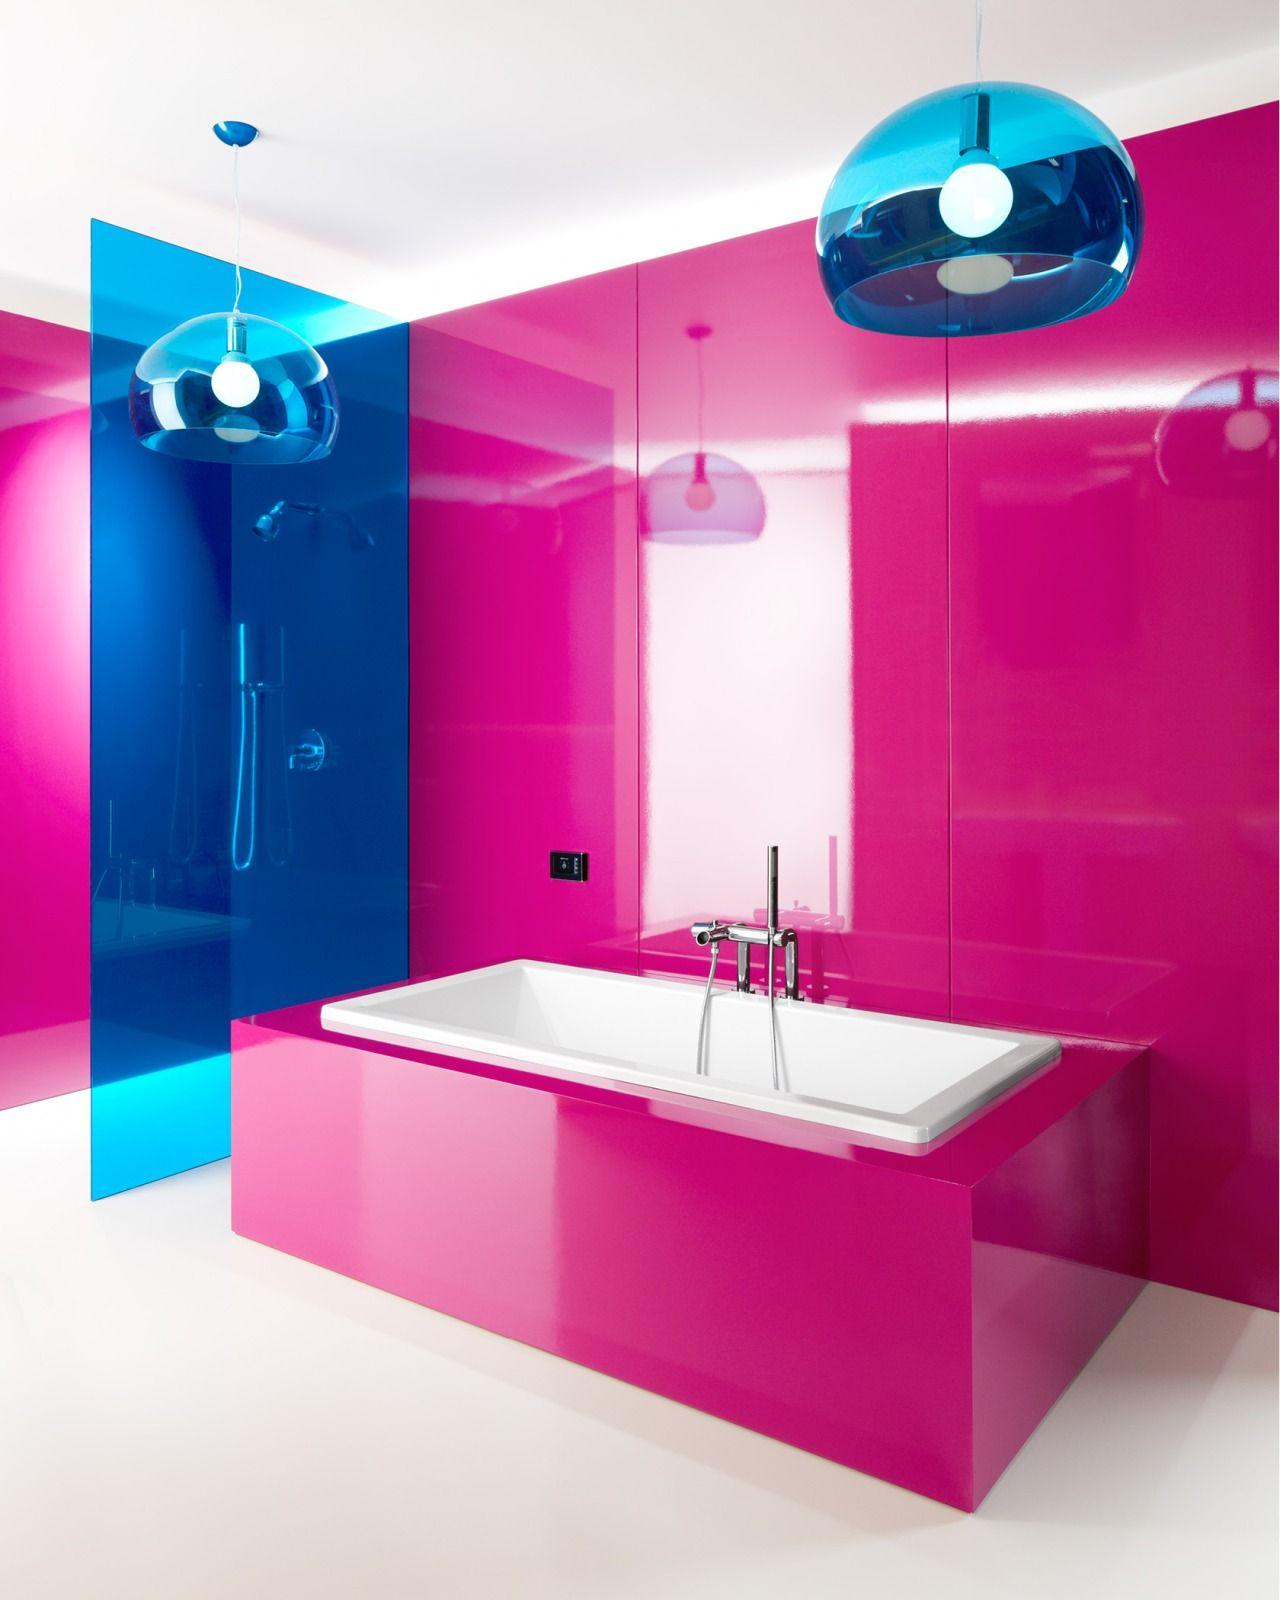 bold Ideas from Kohler | Bathroom design, Kohler, Bathroom ...